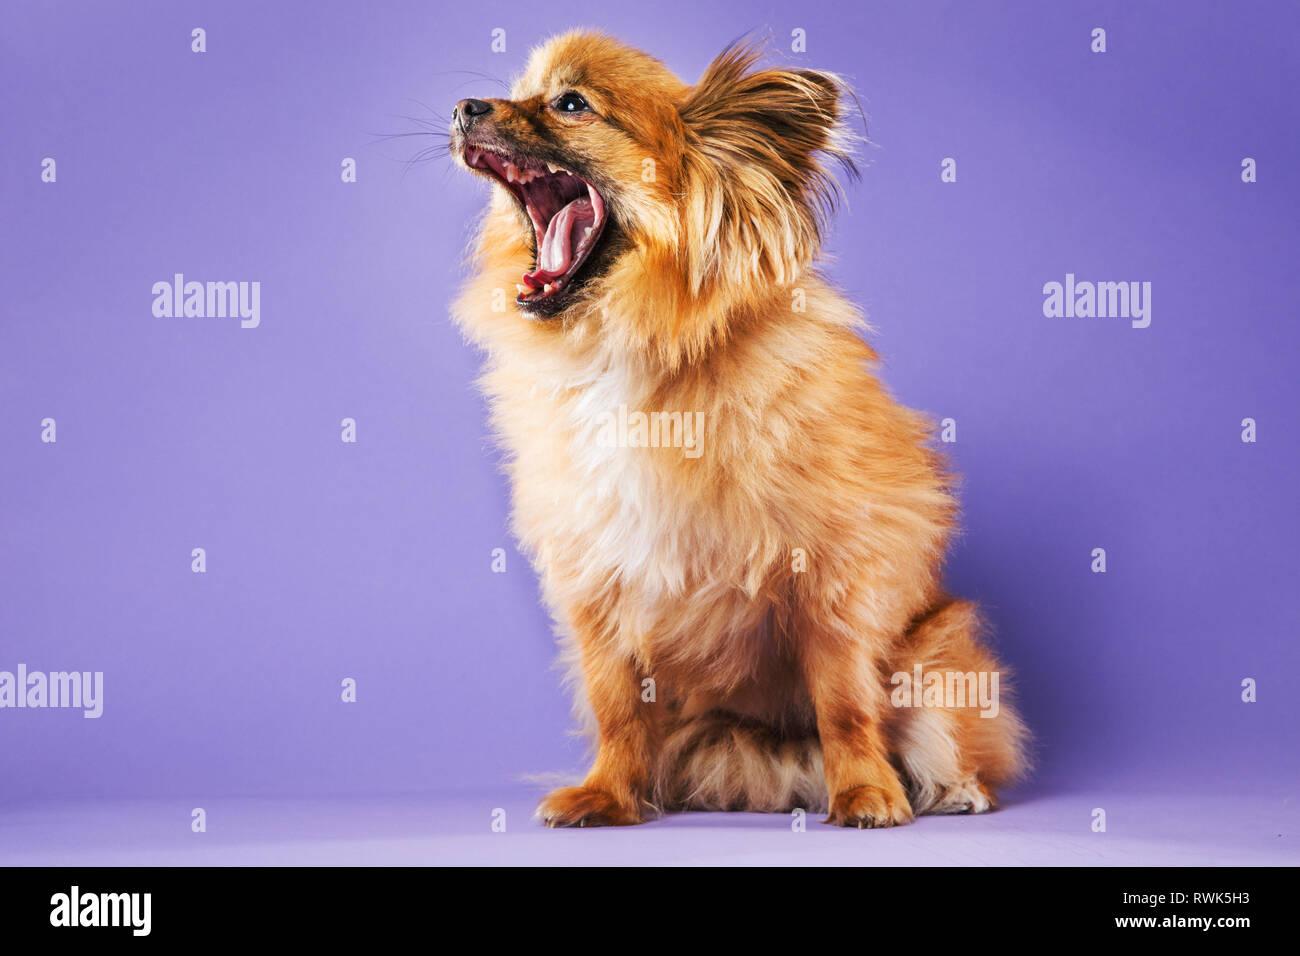 Retrato de cuerpo entero de una mezcla de Pomerania perro con la boca totalmente abierta sobre un fondo violeta. Imagen De Stock